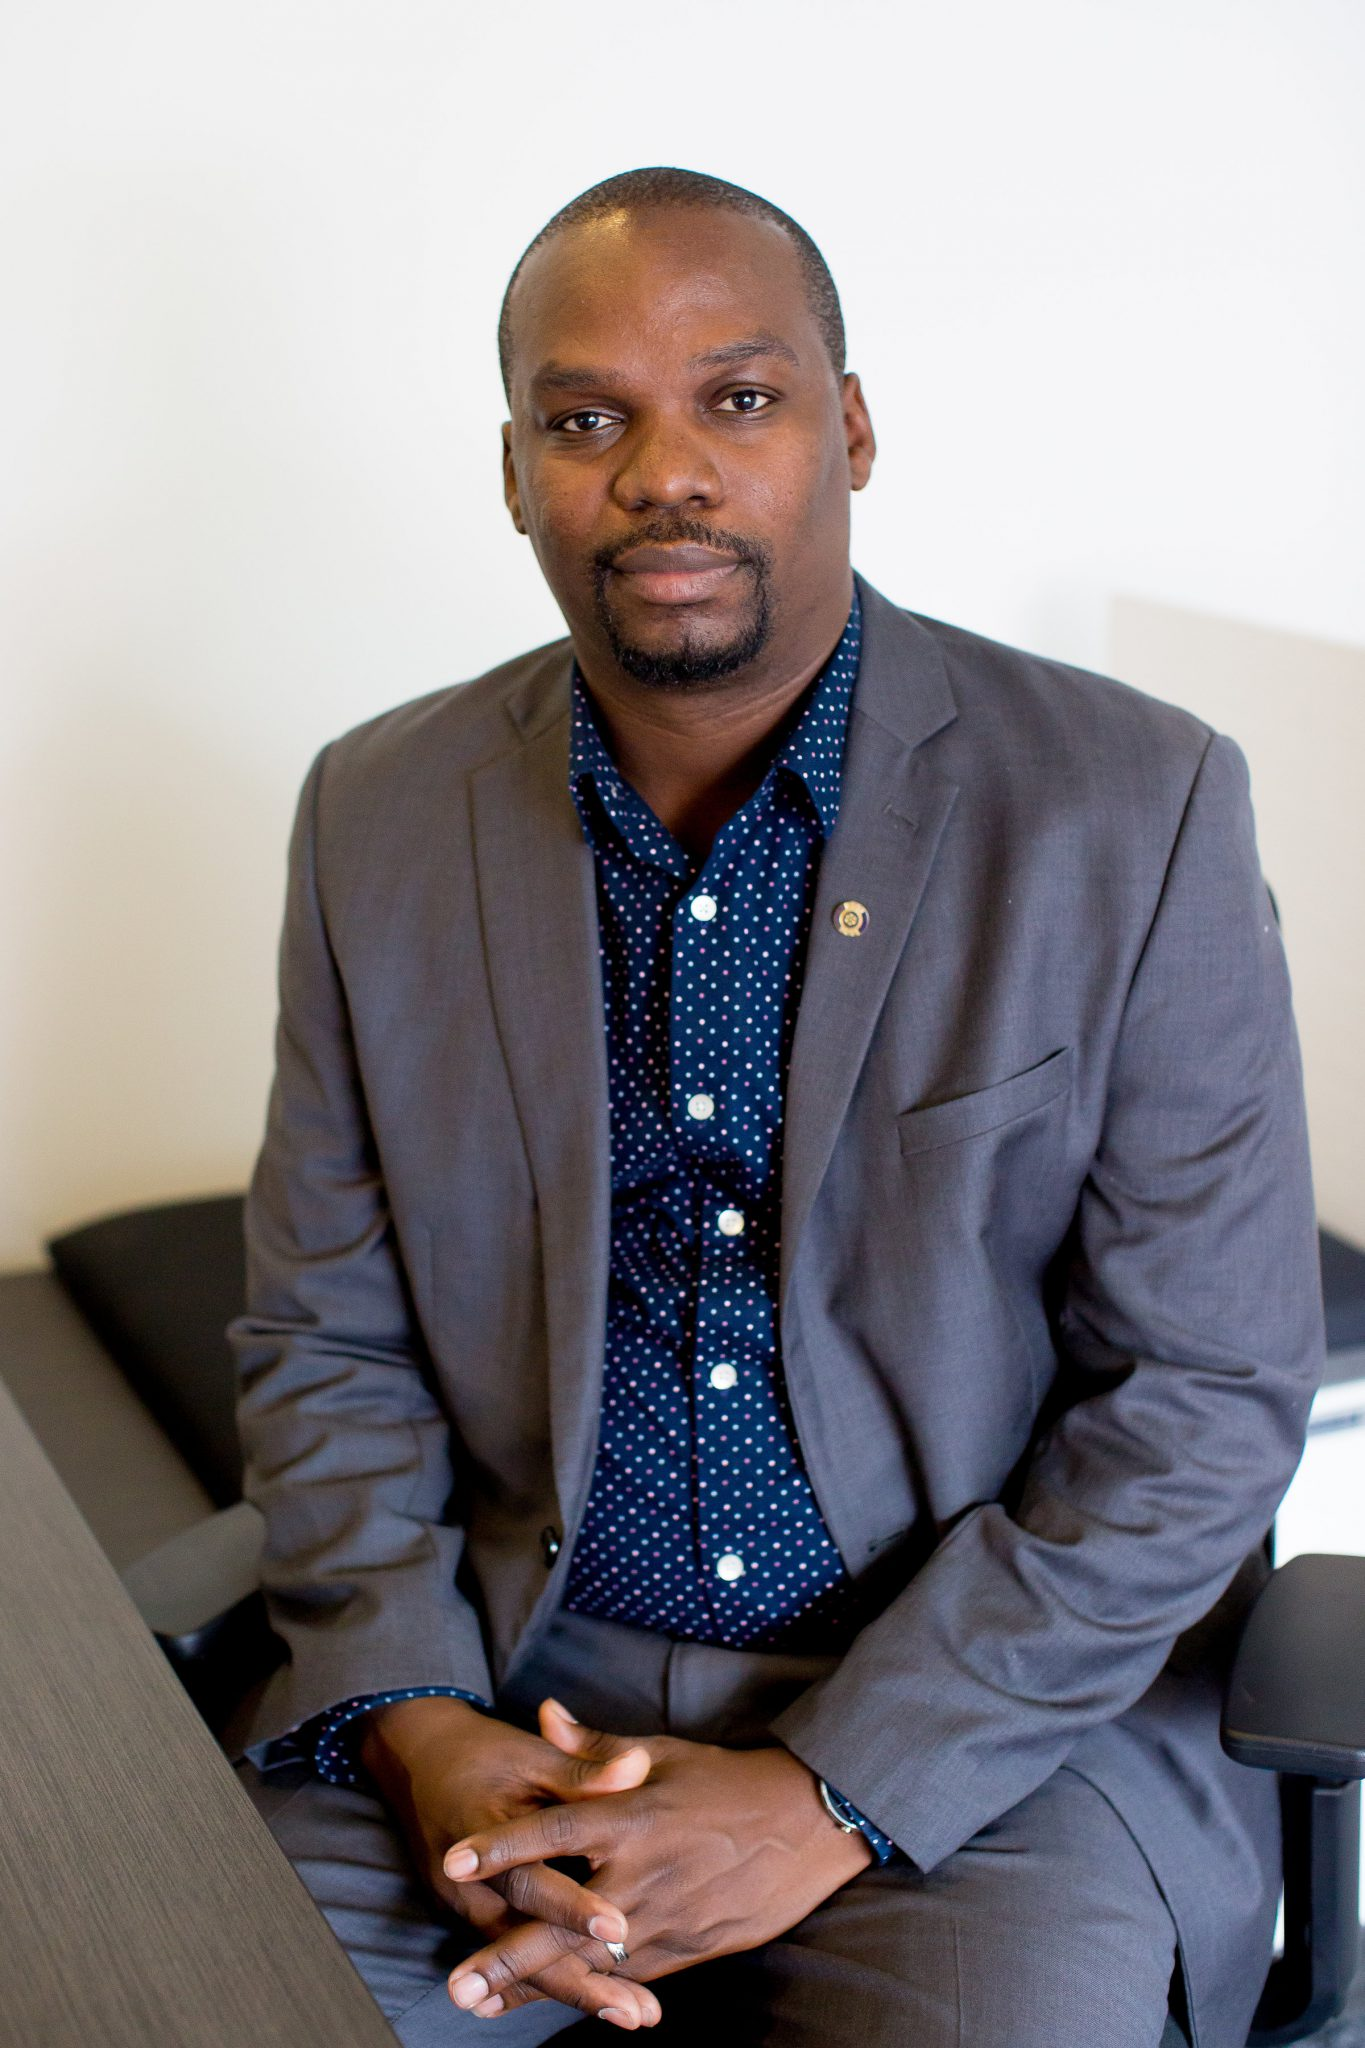 Jamaal Davis